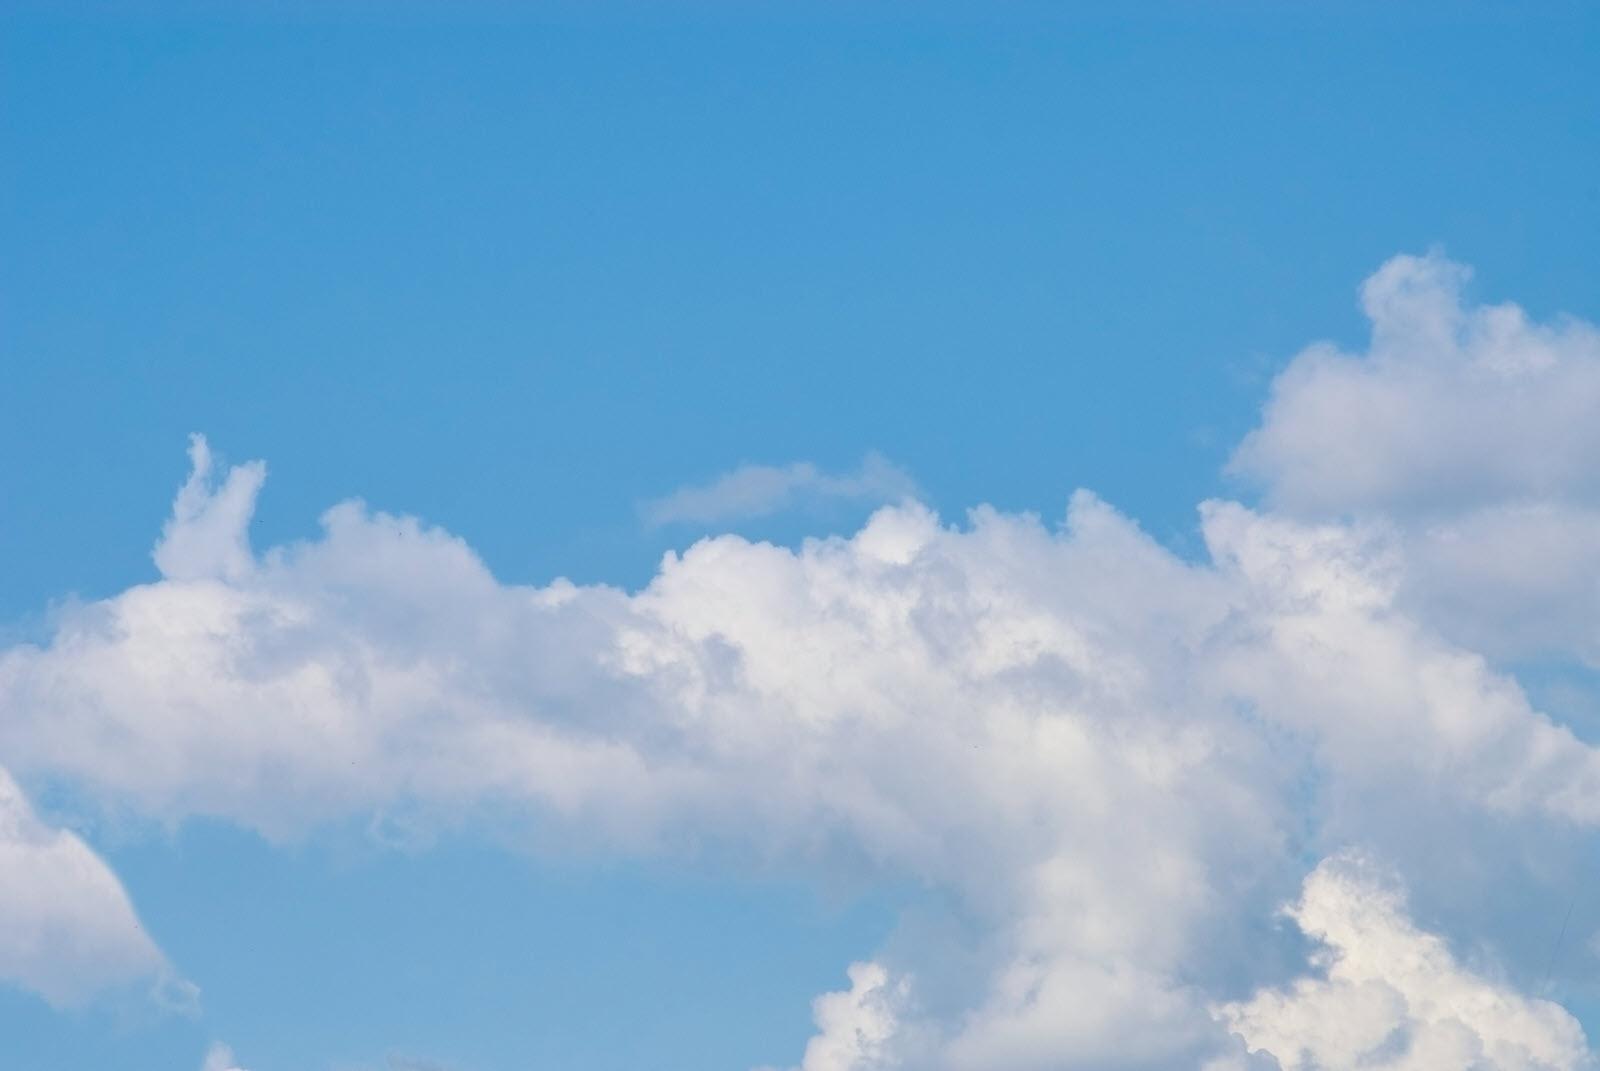 Hình ảnh background trời xanh mây trắng cực đẹp